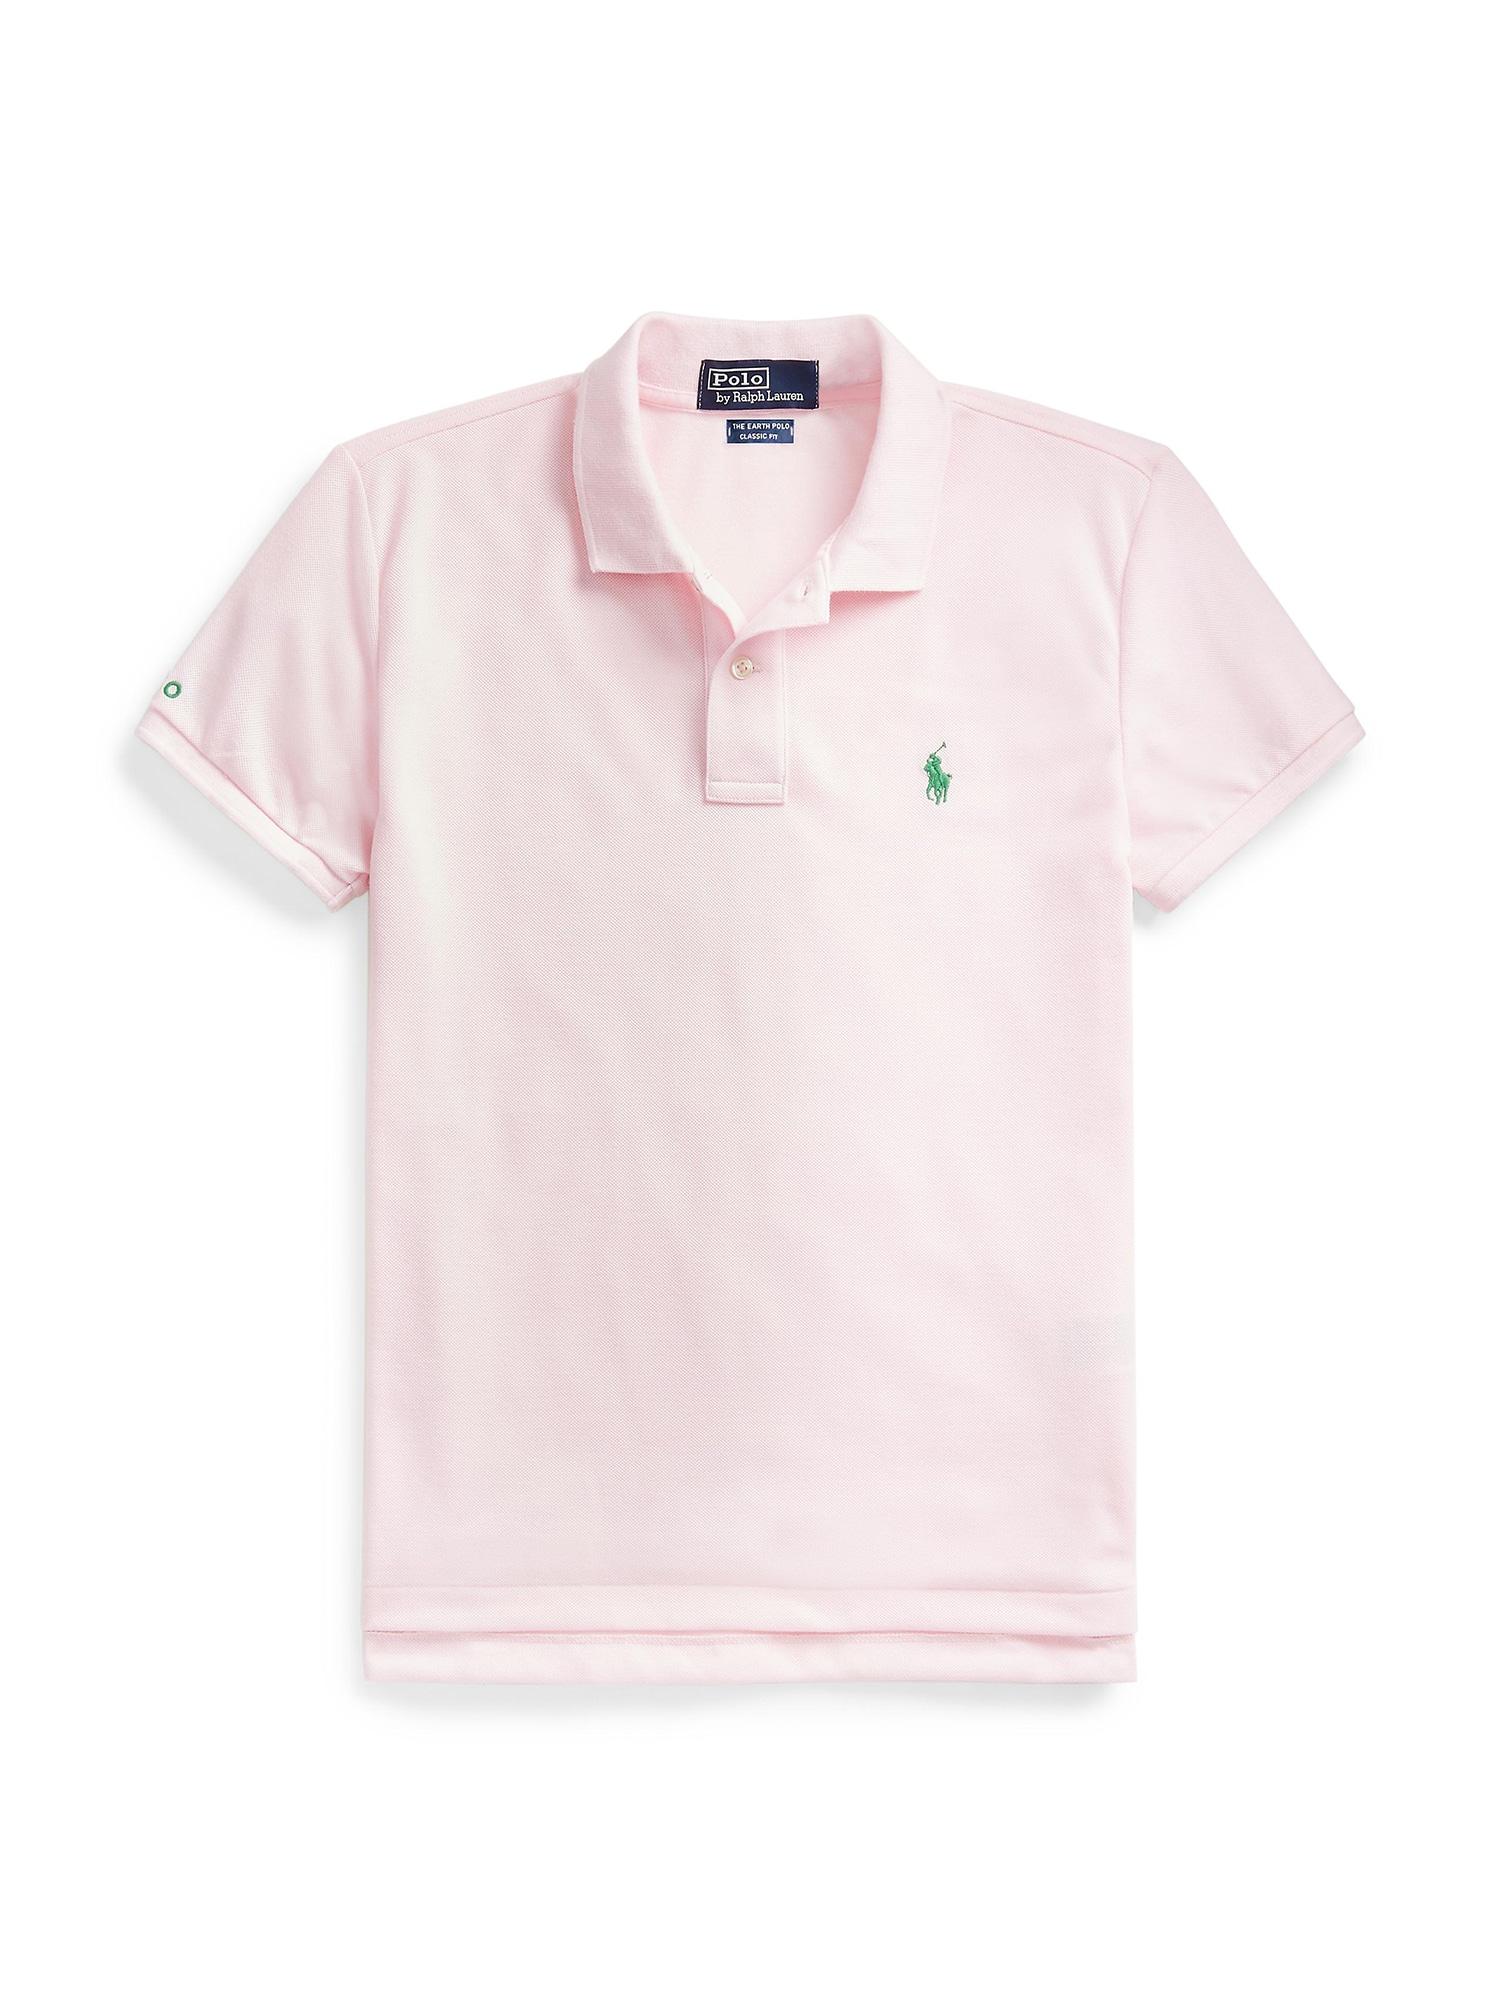 POLO RALPH LAUREN Marškinėliai 'CLASSIC FIT' rožių spalva